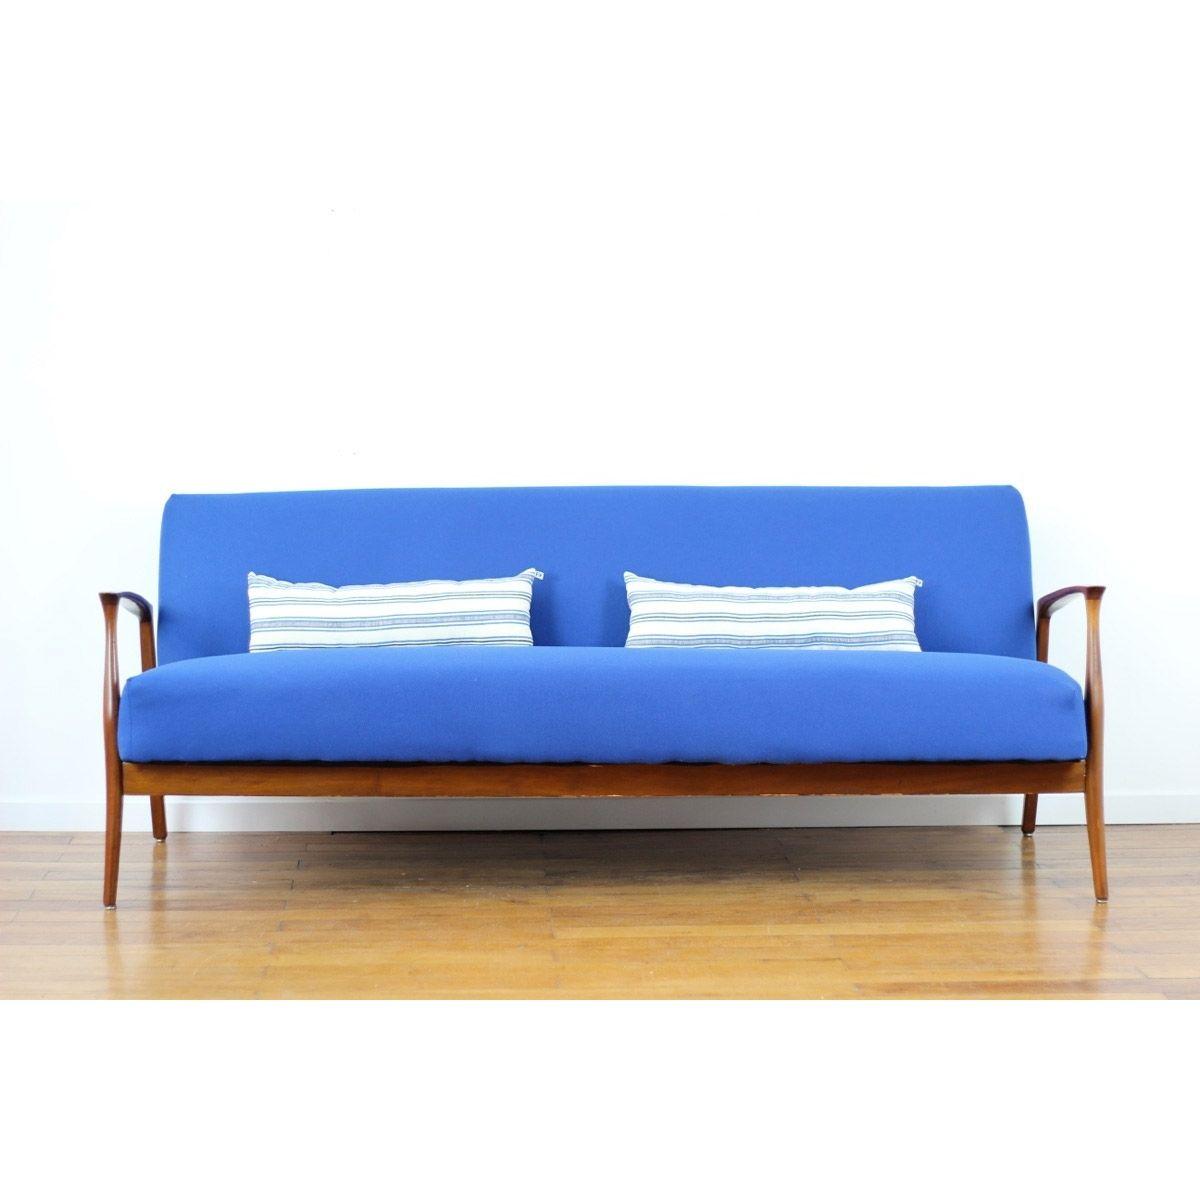 Canapé convertible vintage bleu indigo | home | Pinterest | Sofa ...